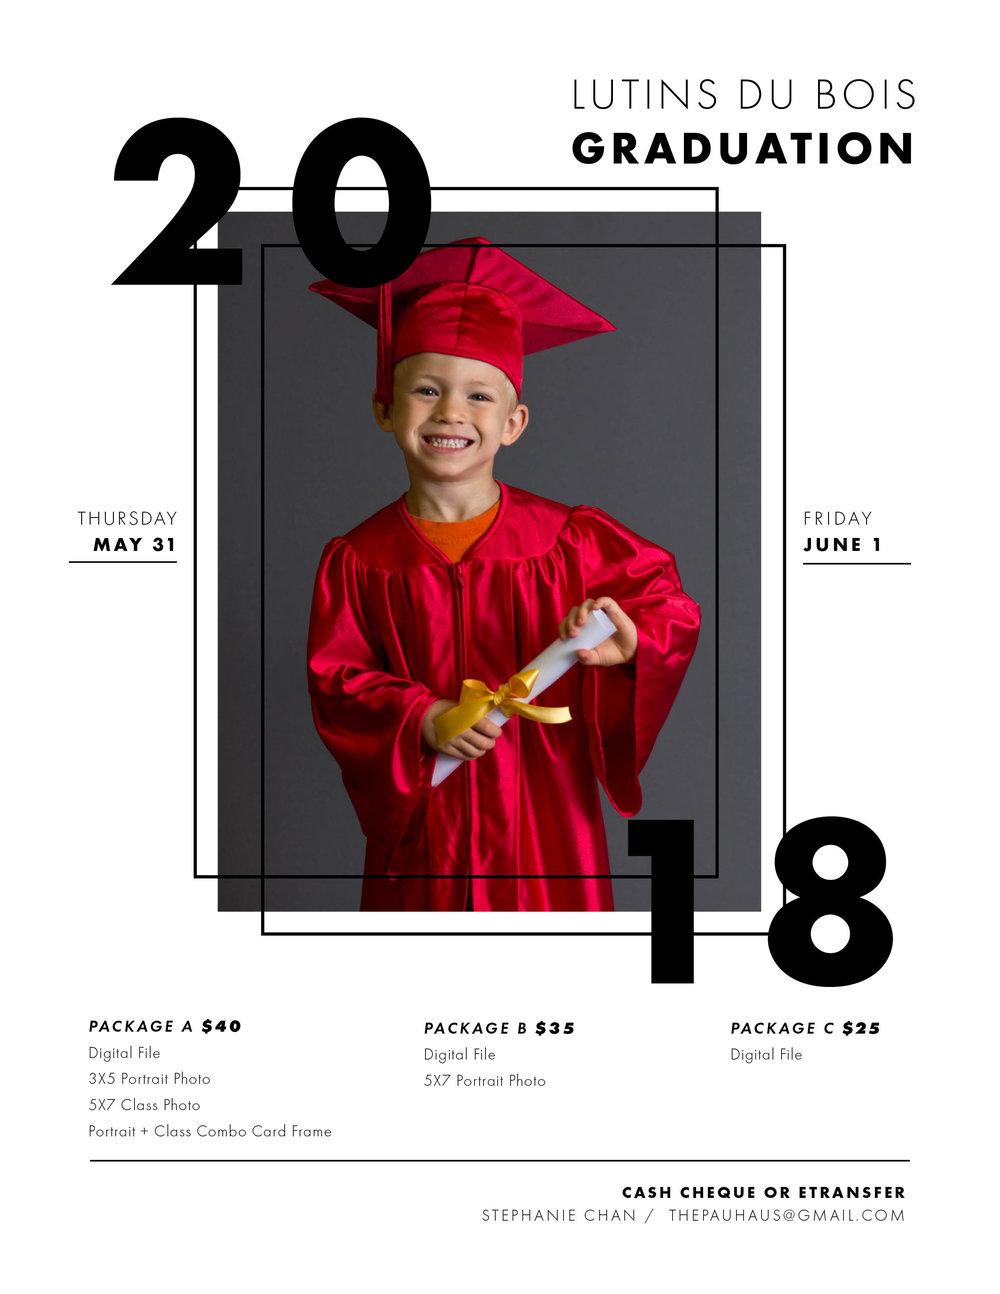 LDB 2018.jpg